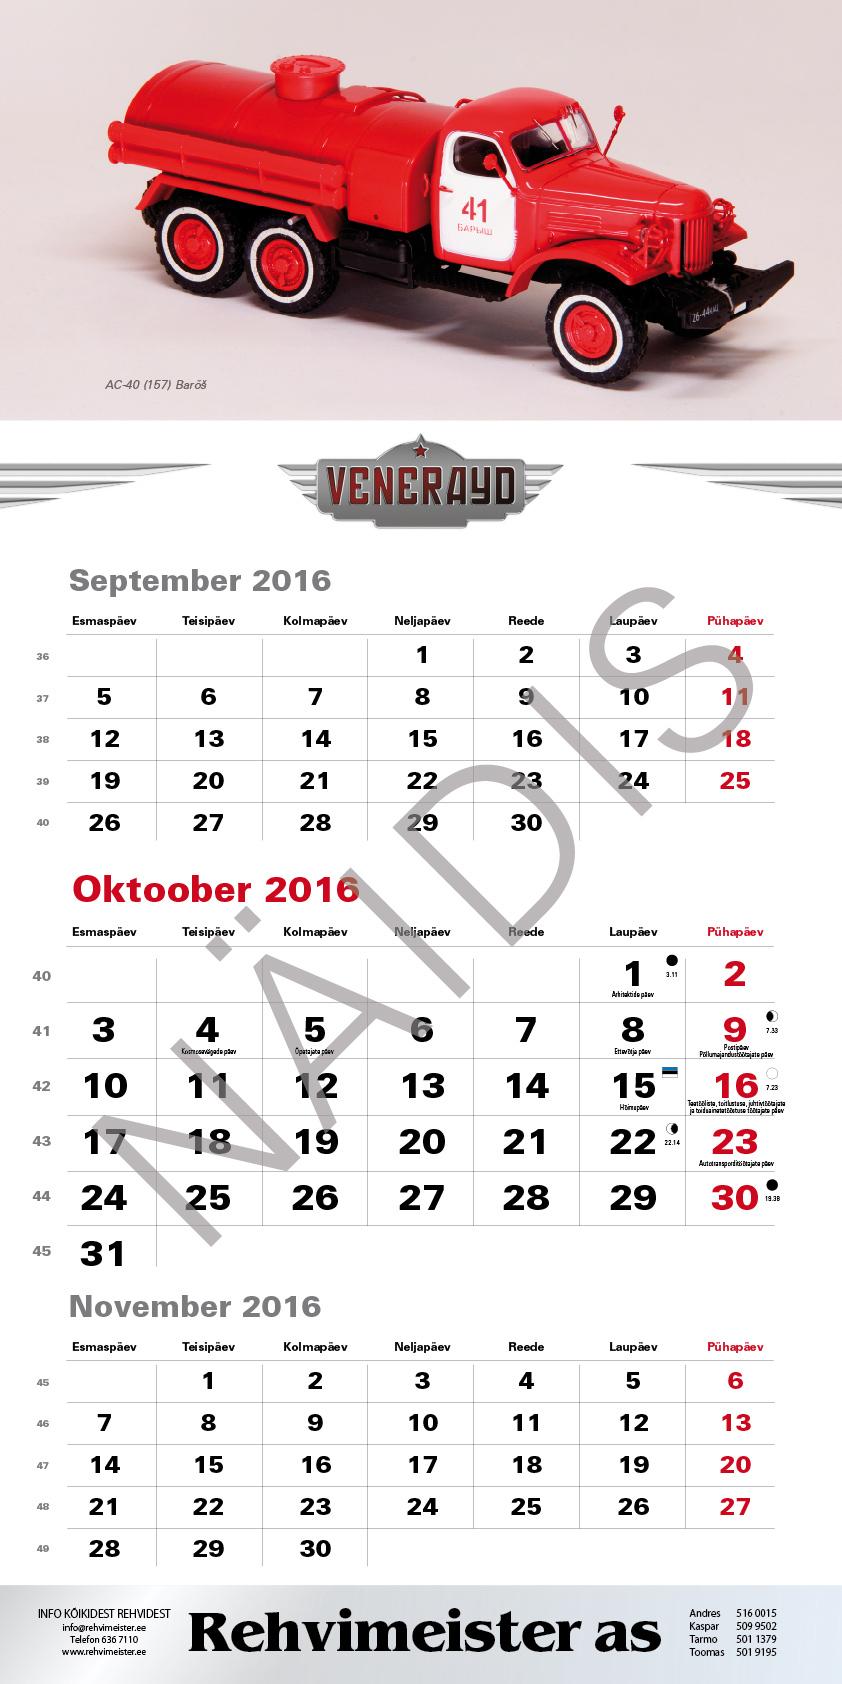 Veneraud_kalender_2016_11